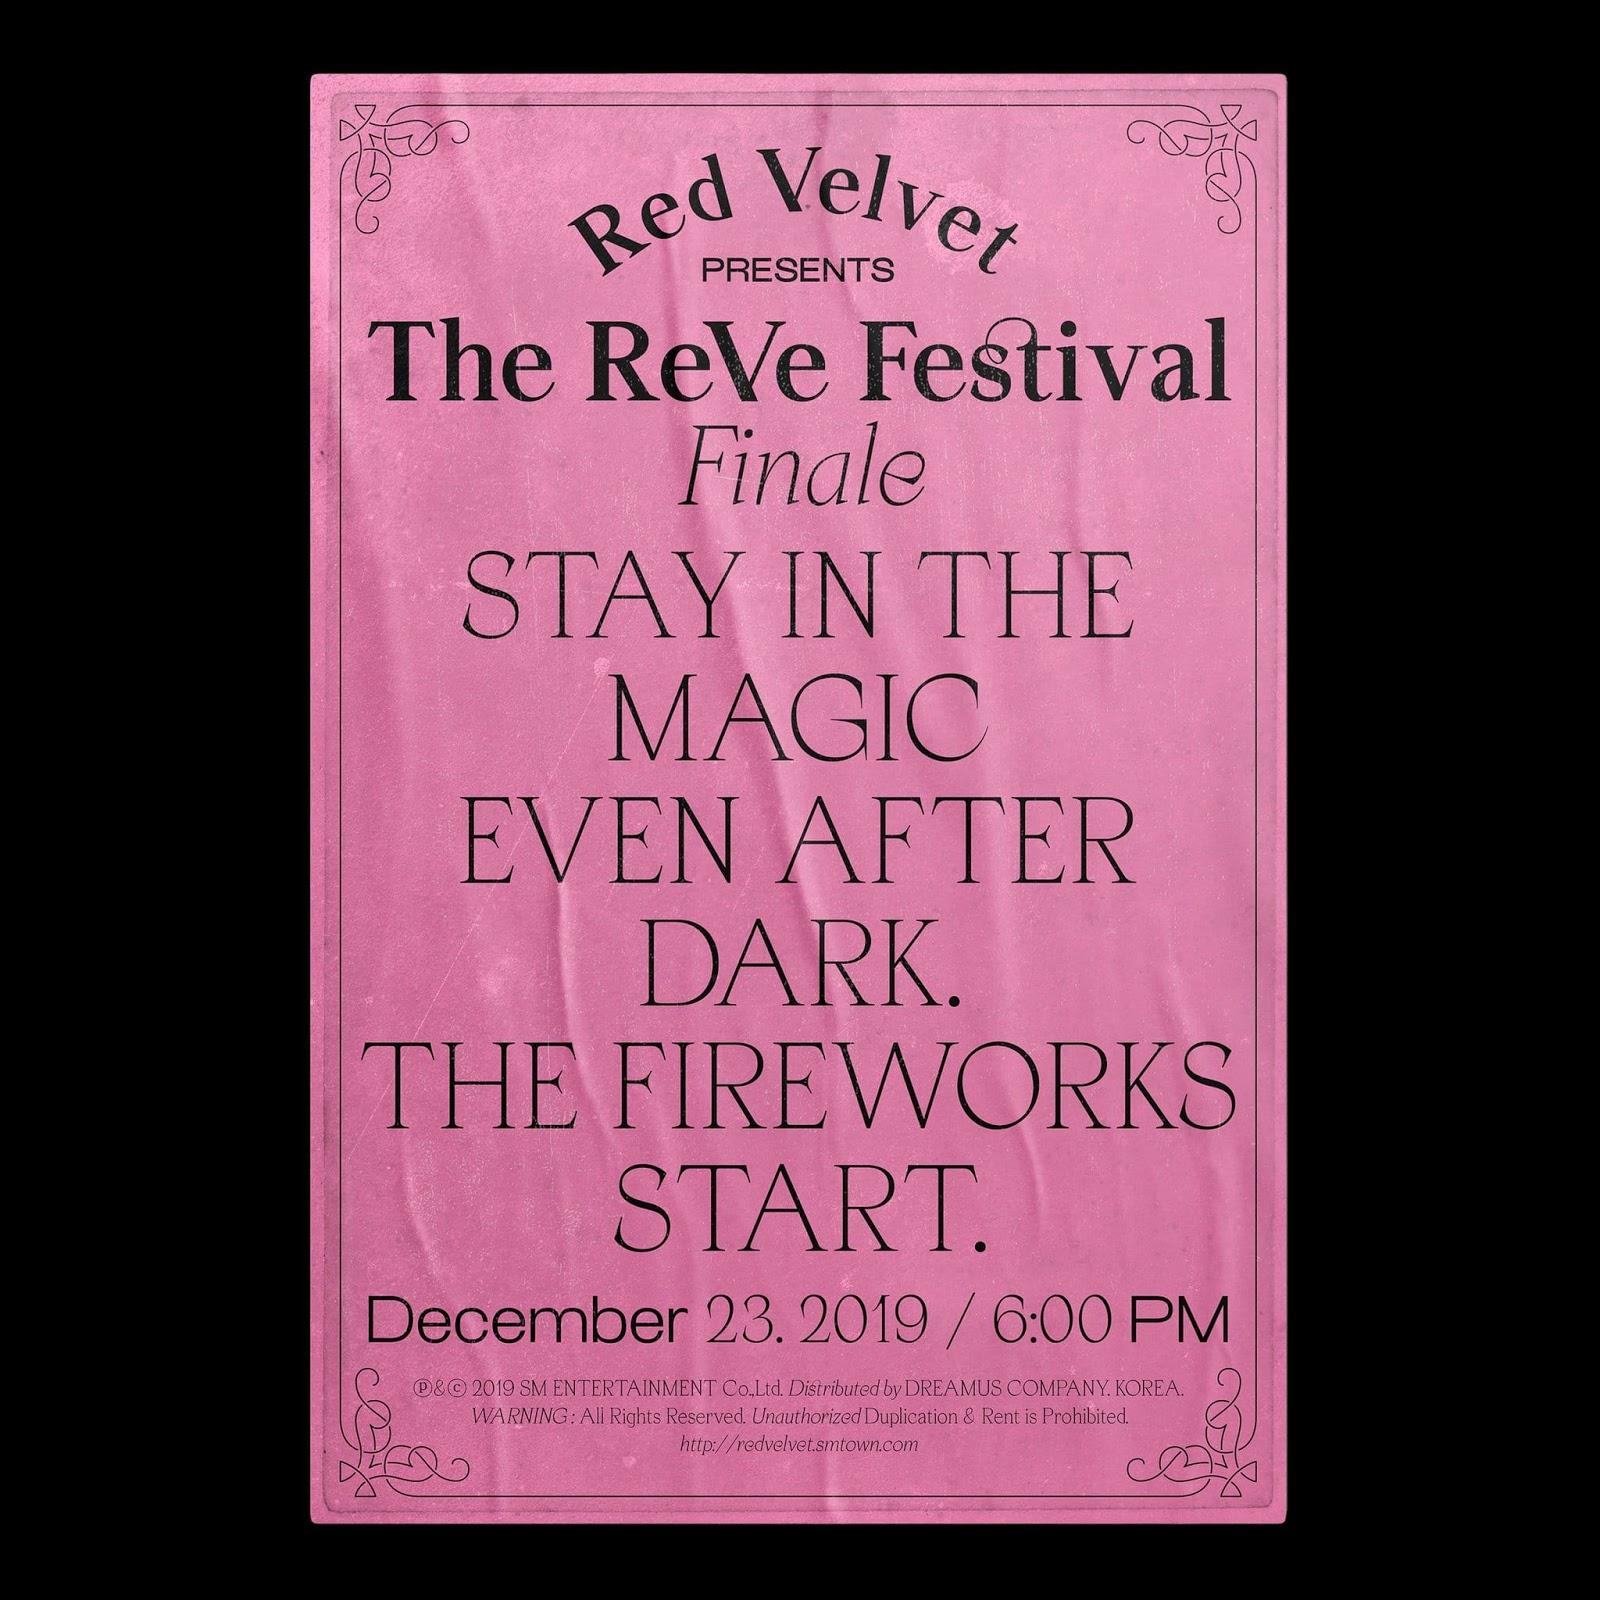 Red Velvet Release Creepy Teaser For New Album 'The ReVe Festival: Finale'